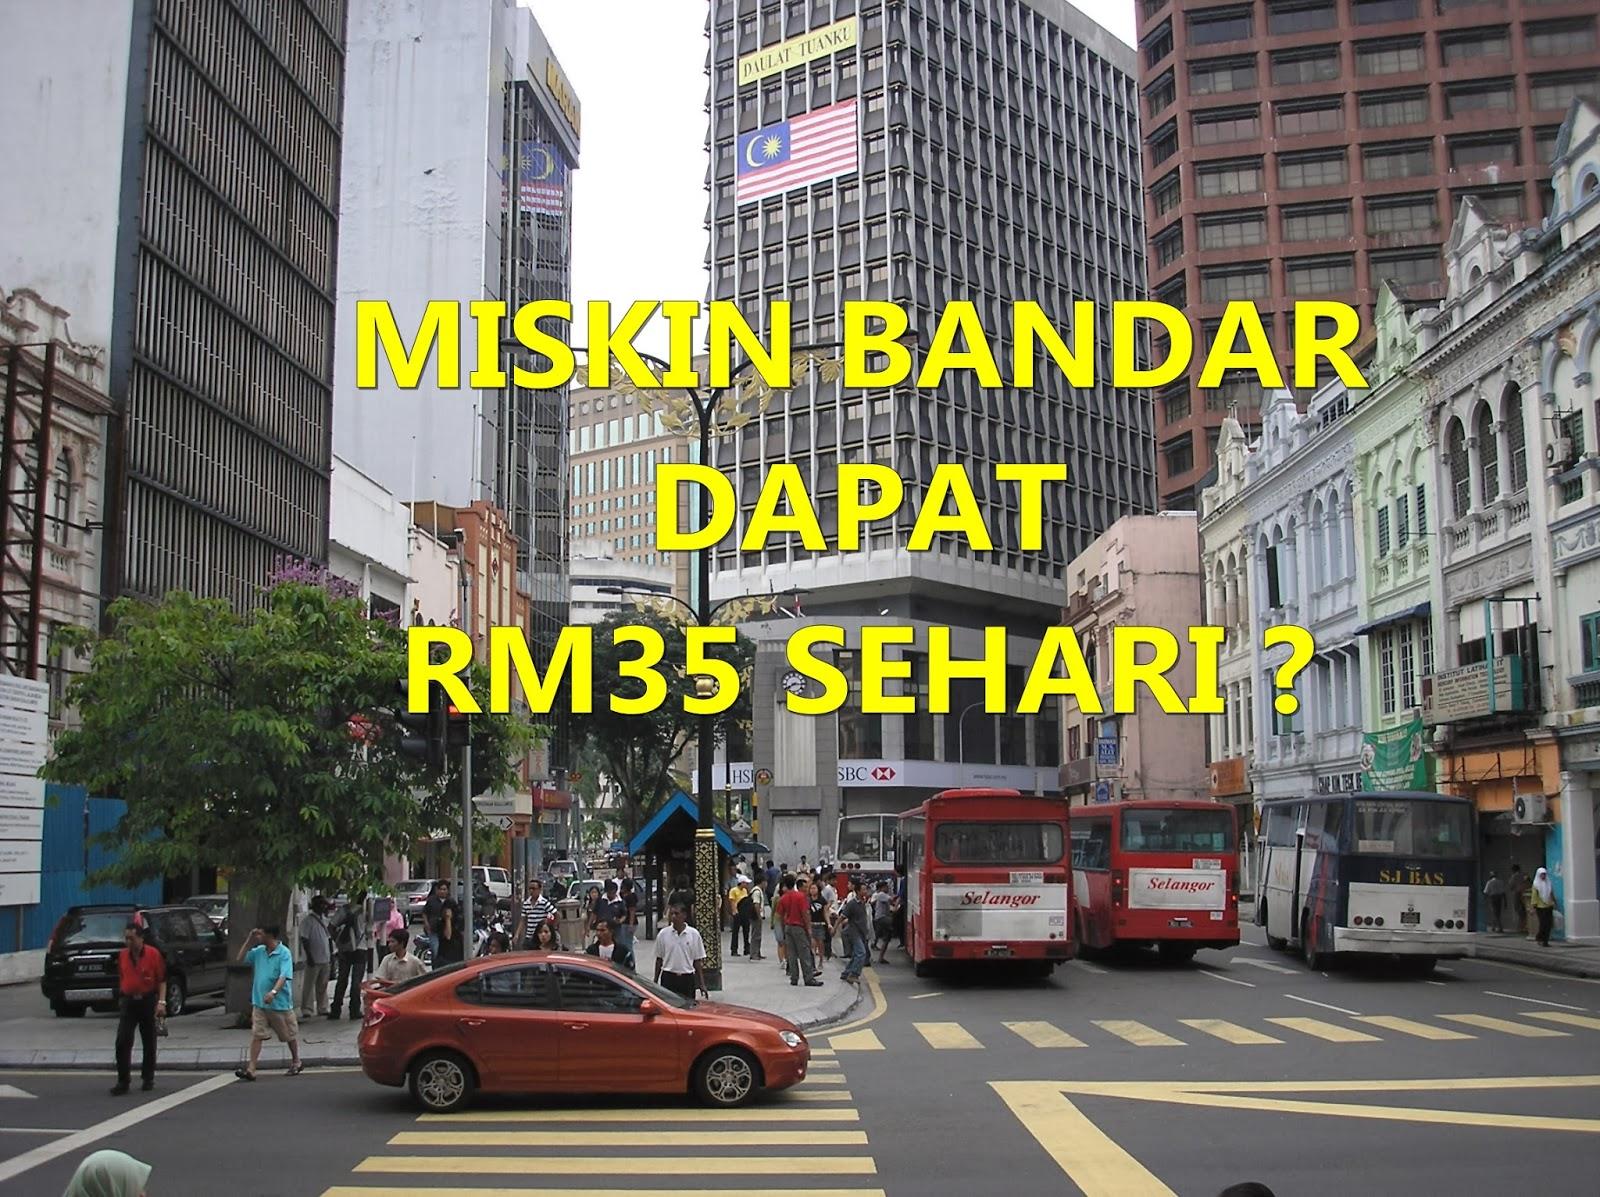 Daftar Borang Baucar Kerja RM35 Sehari Untuk Miskin Bandar